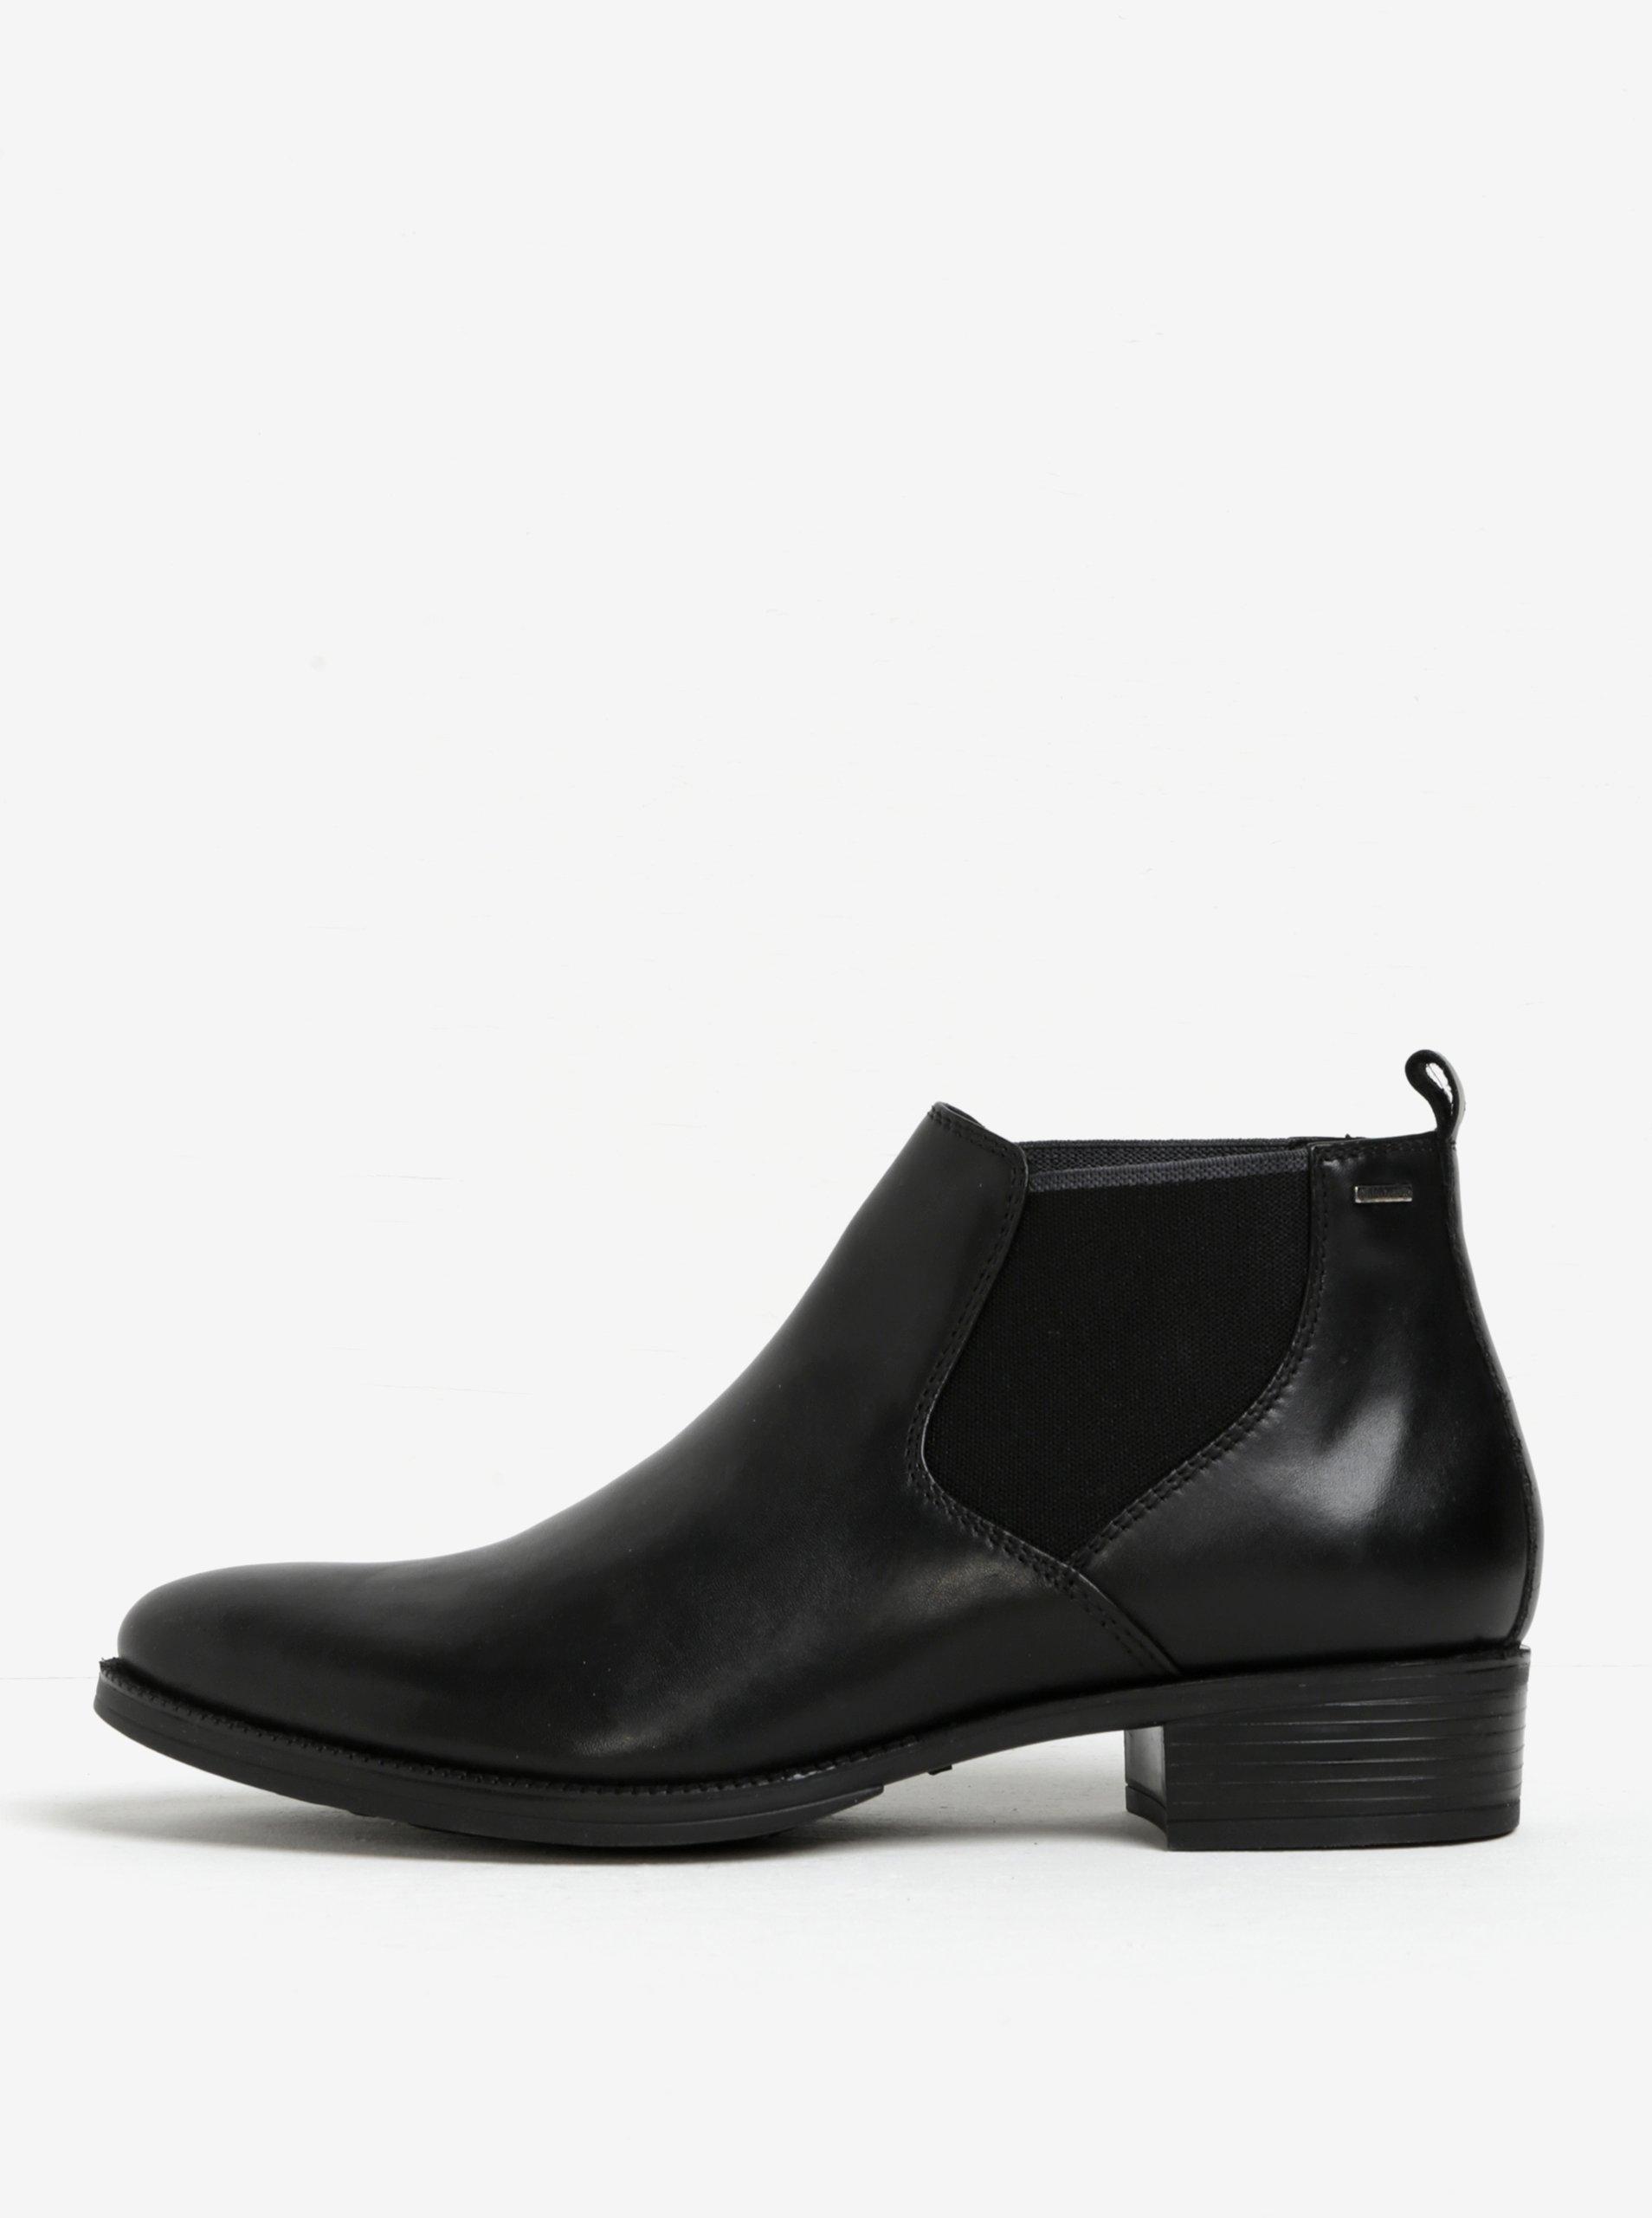 Černé dámské kožené chelsea boty Geox Mendi